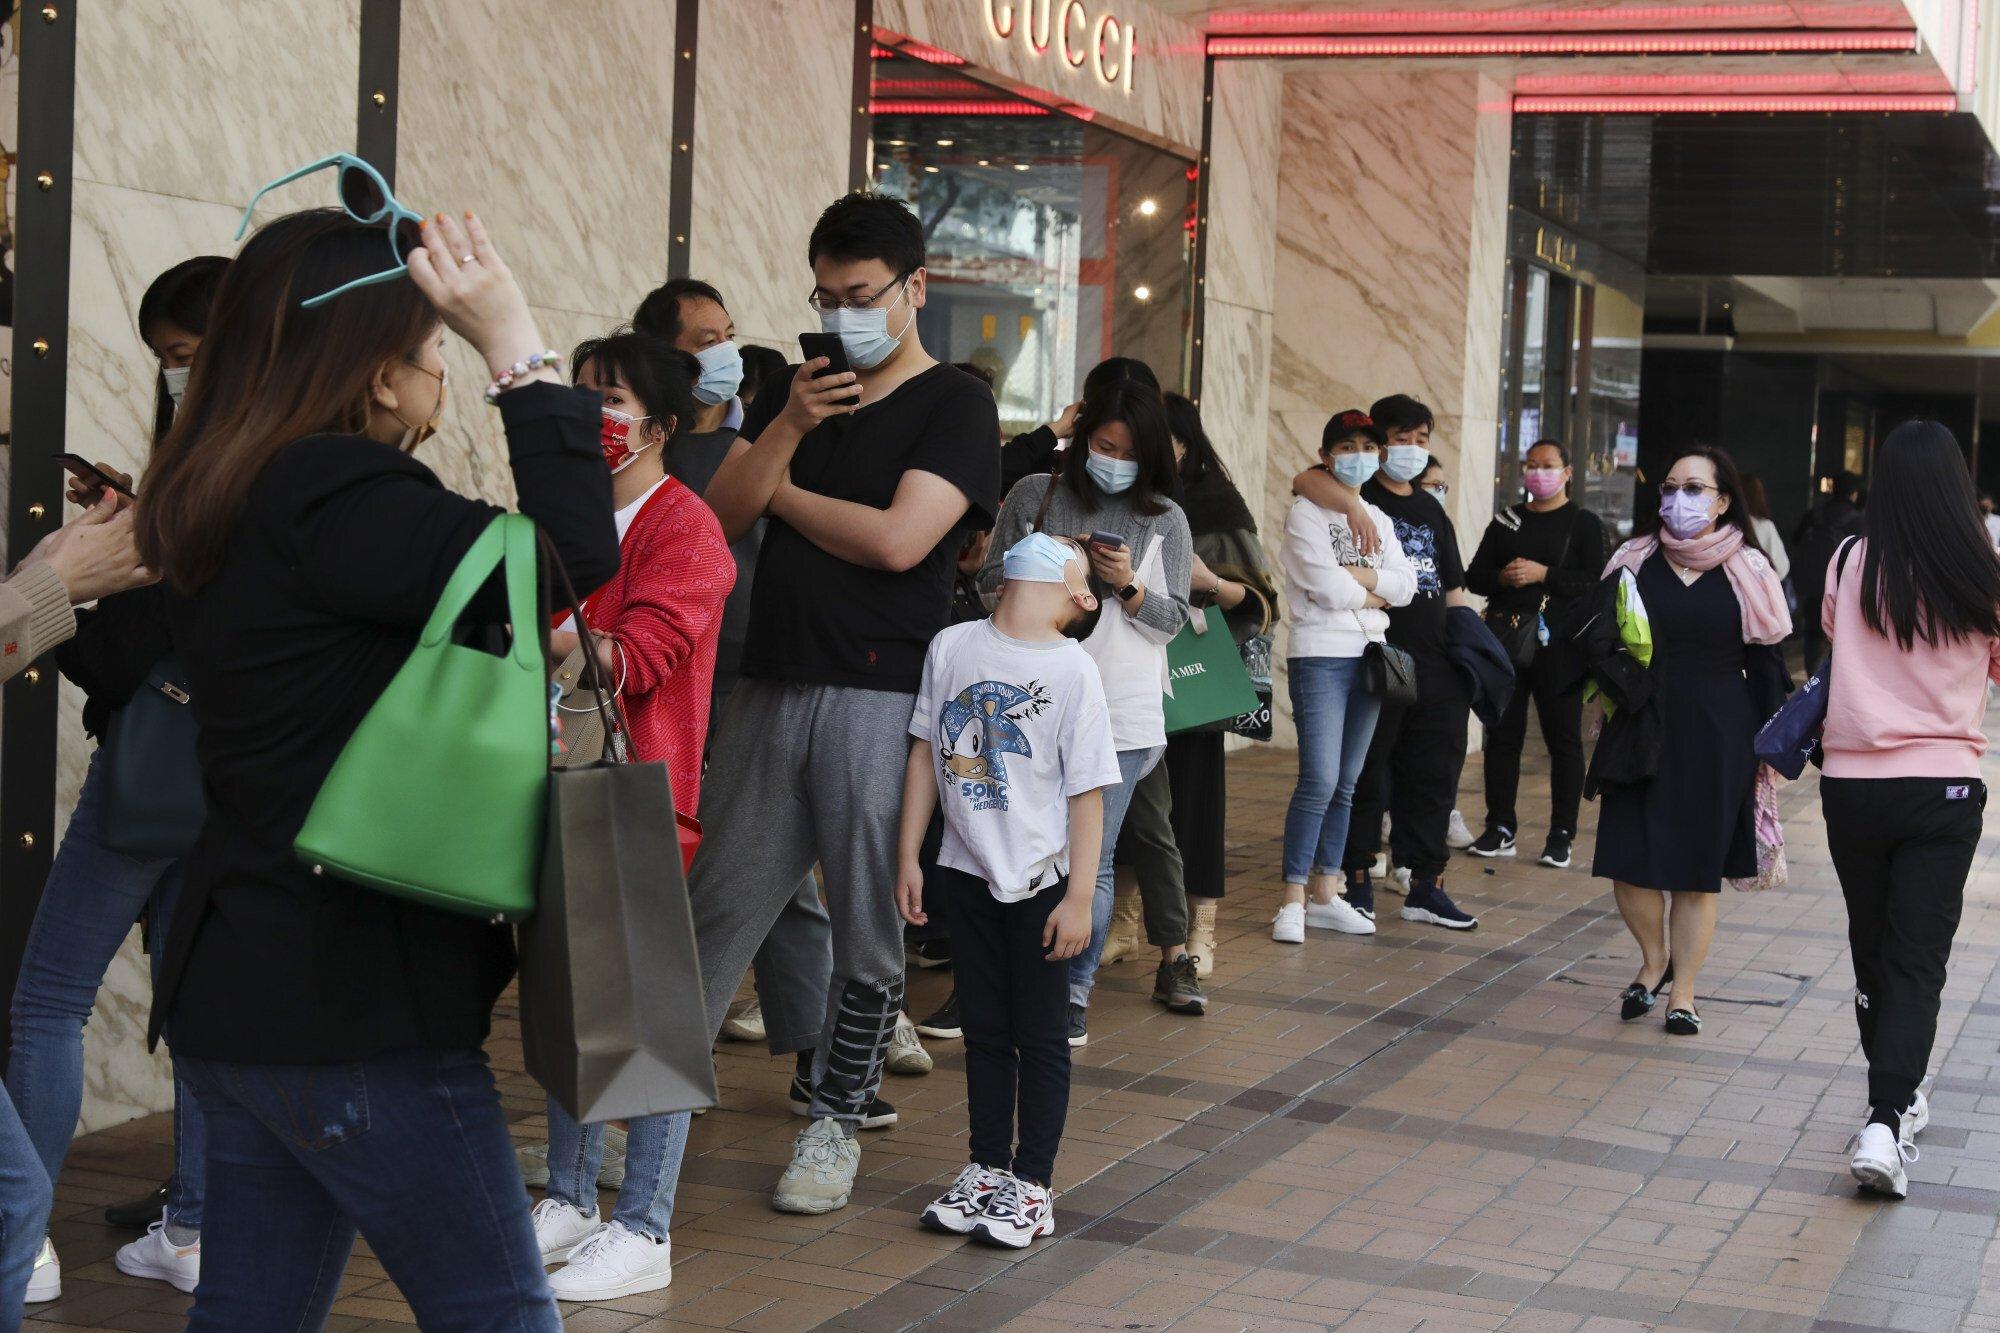 Khách xếp hàng chờ mua sắm ở cửa hiệu Gucci tại Harbour City hồi tháng 2. Ảnh: Nora Tam